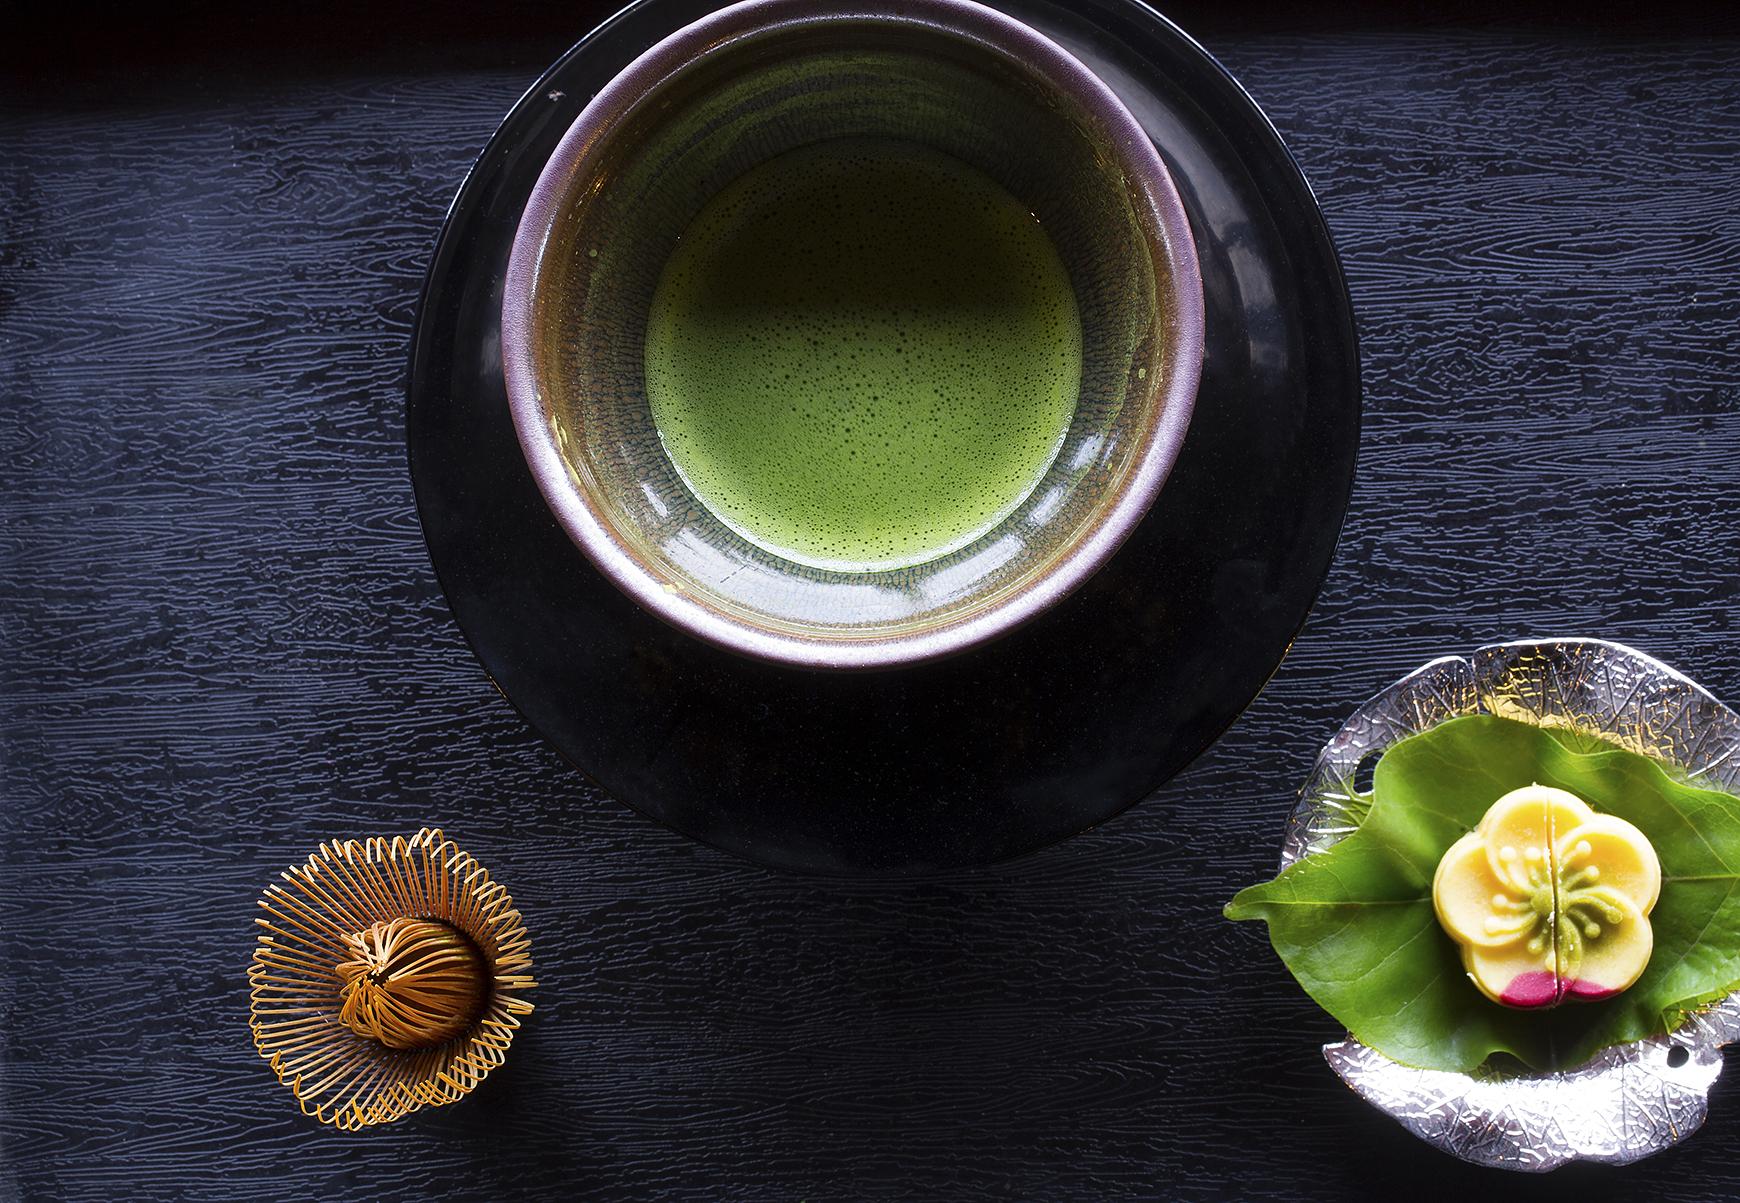 【春光好・春茶篇】品香茗,访茶